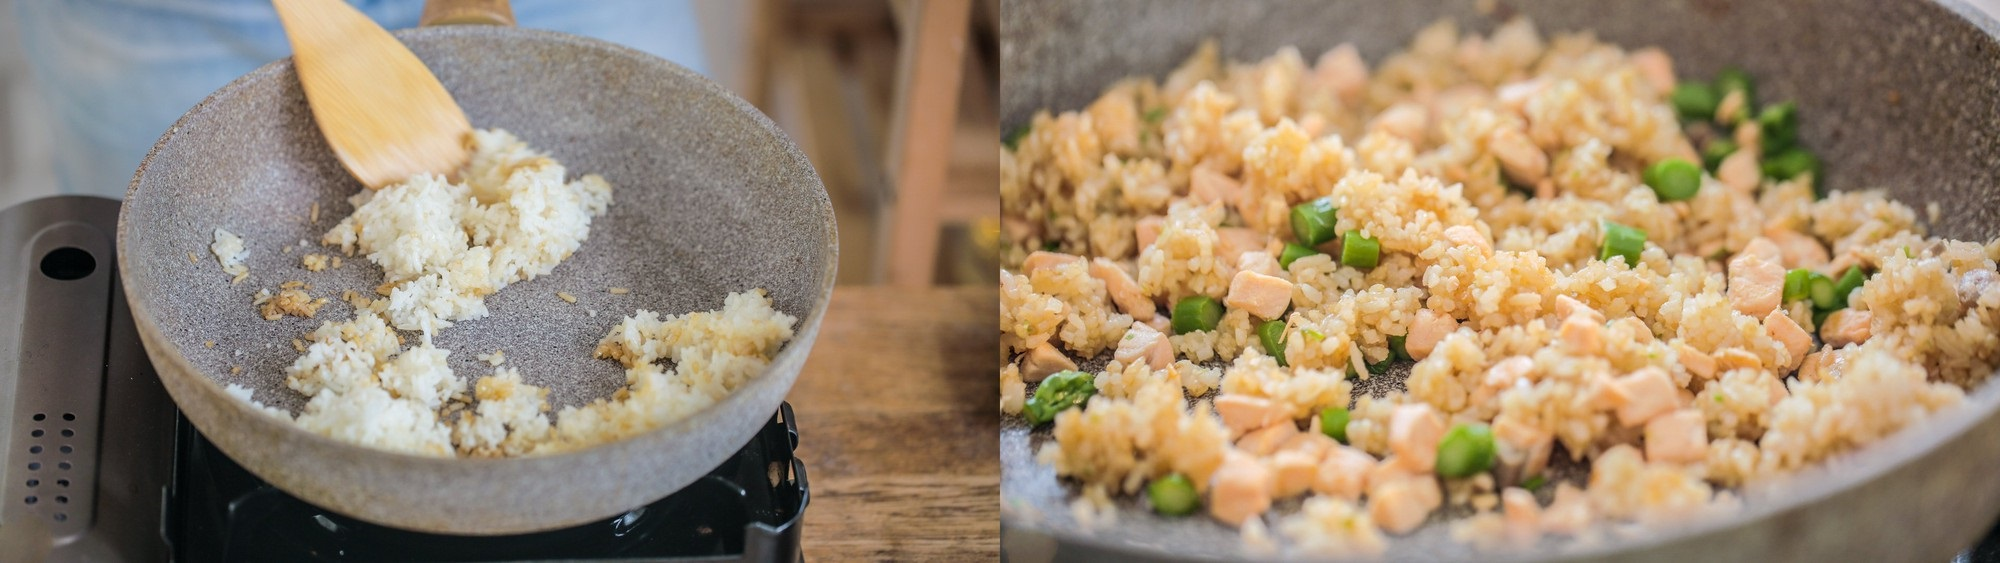 Thứ 2 bận rộn, tôi làm chảo cơm chiên cá hồi cho cả nhà là ngon lành đủ chất - Ảnh 3